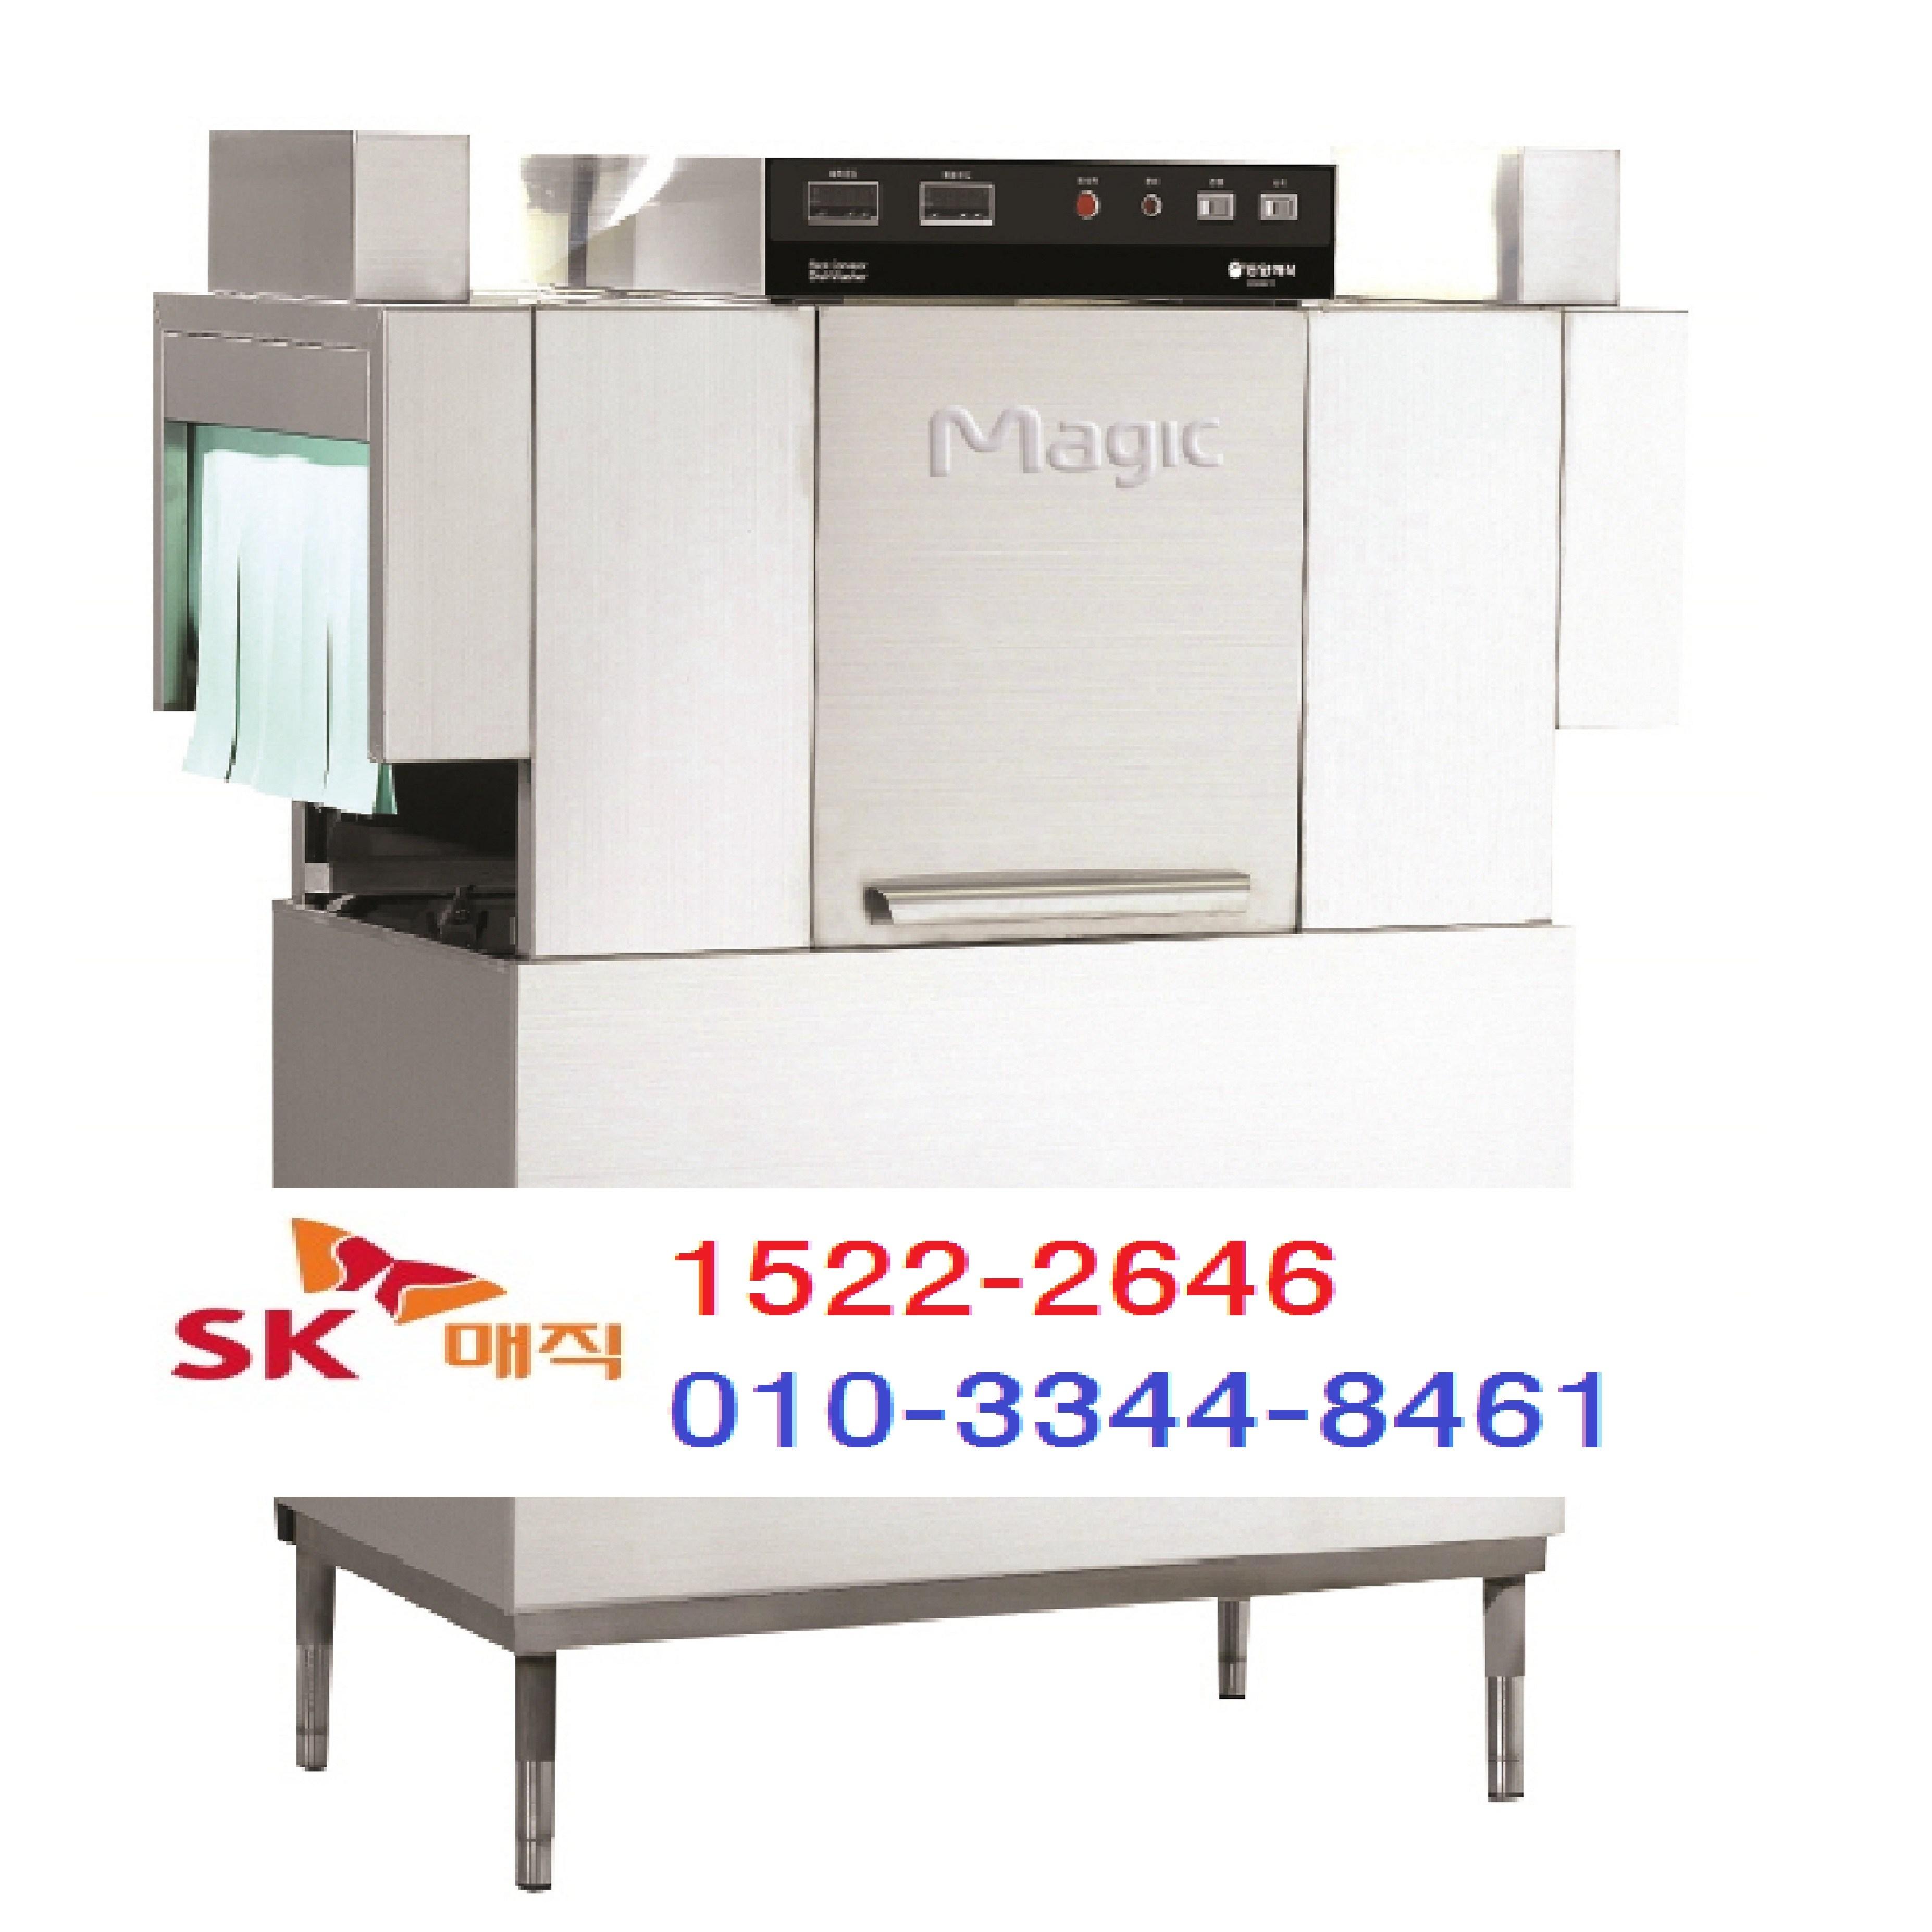 SK매직 업소용식기세척기 CDW-441R